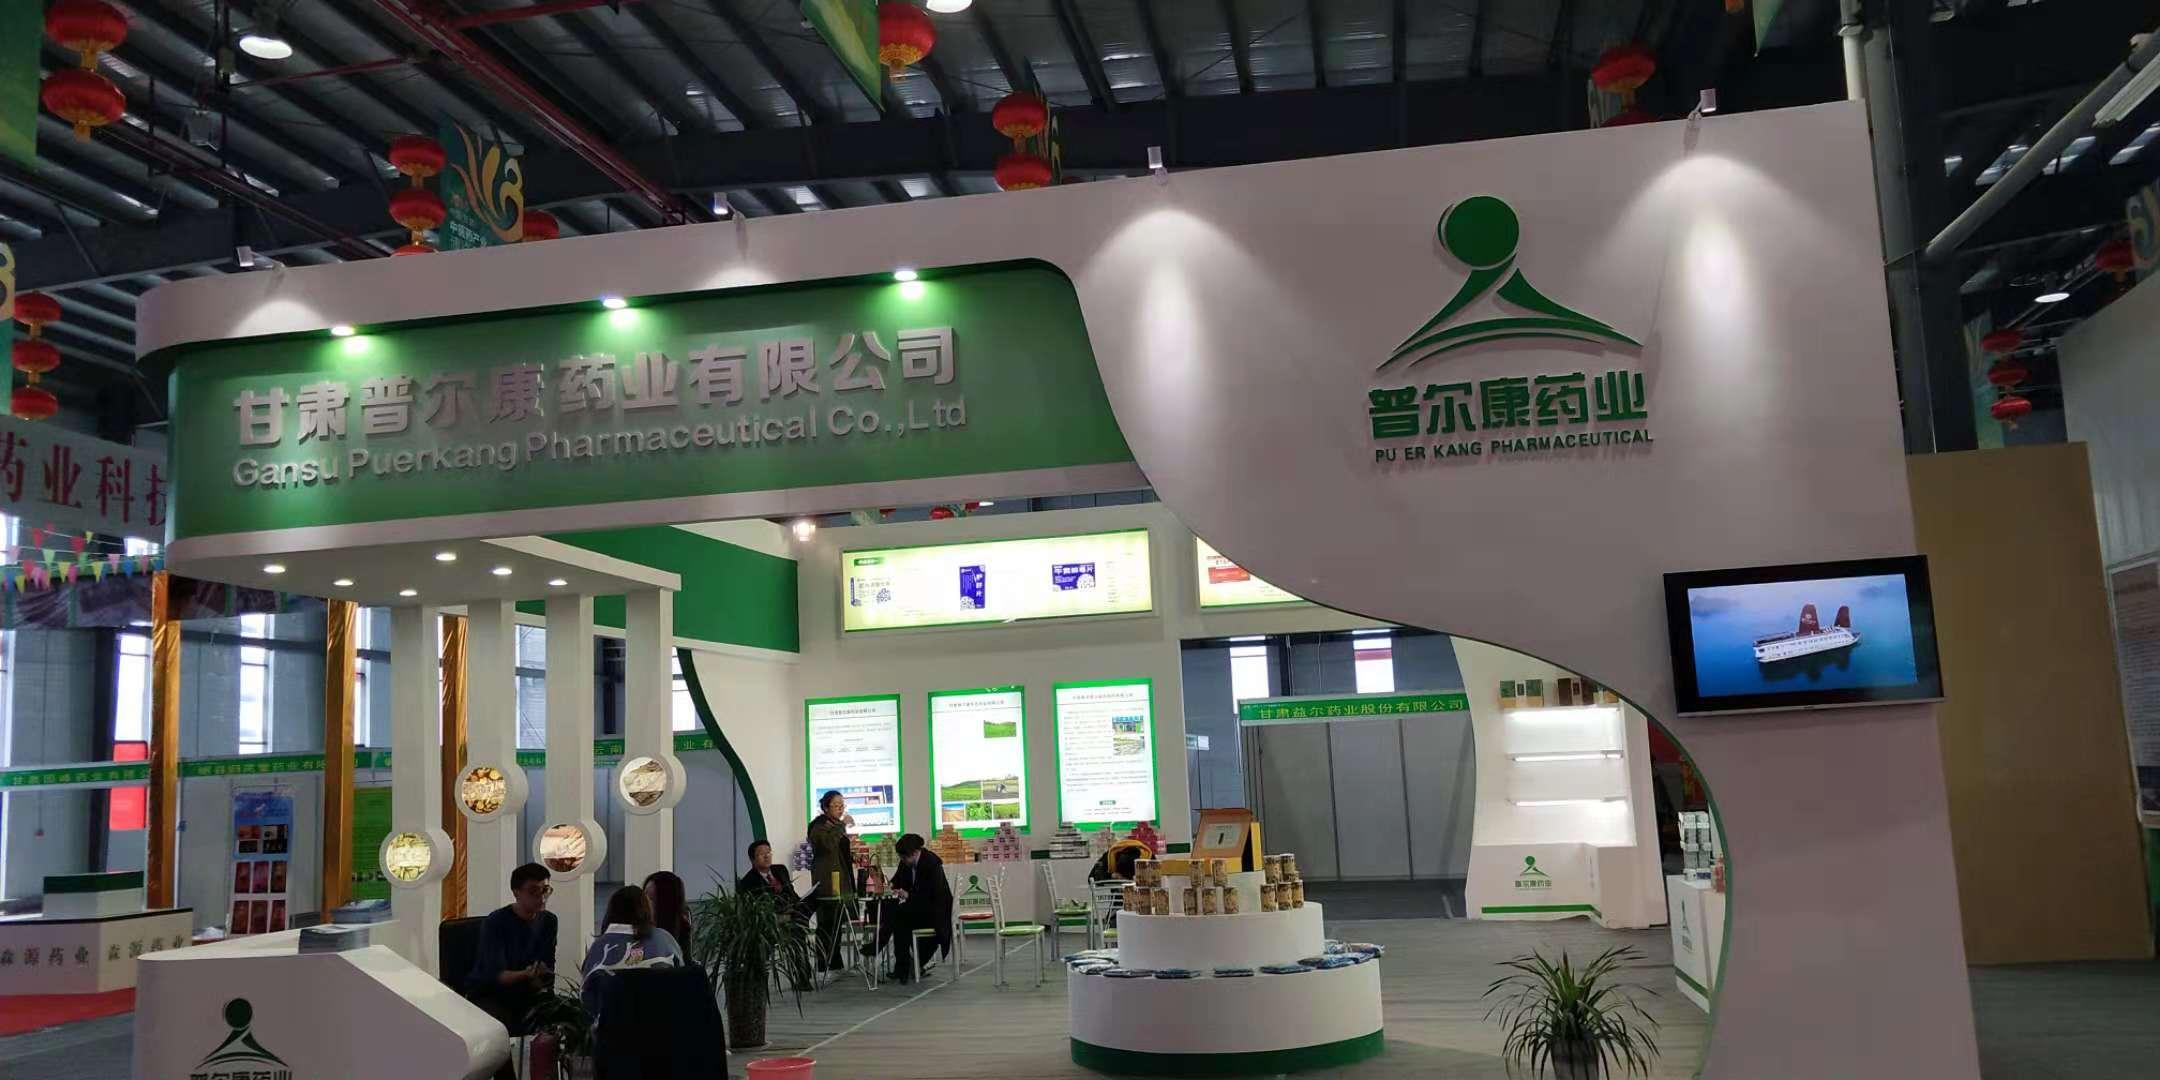 兰州展览展示工厂-甘肃陇西药博会普尔康药业展台